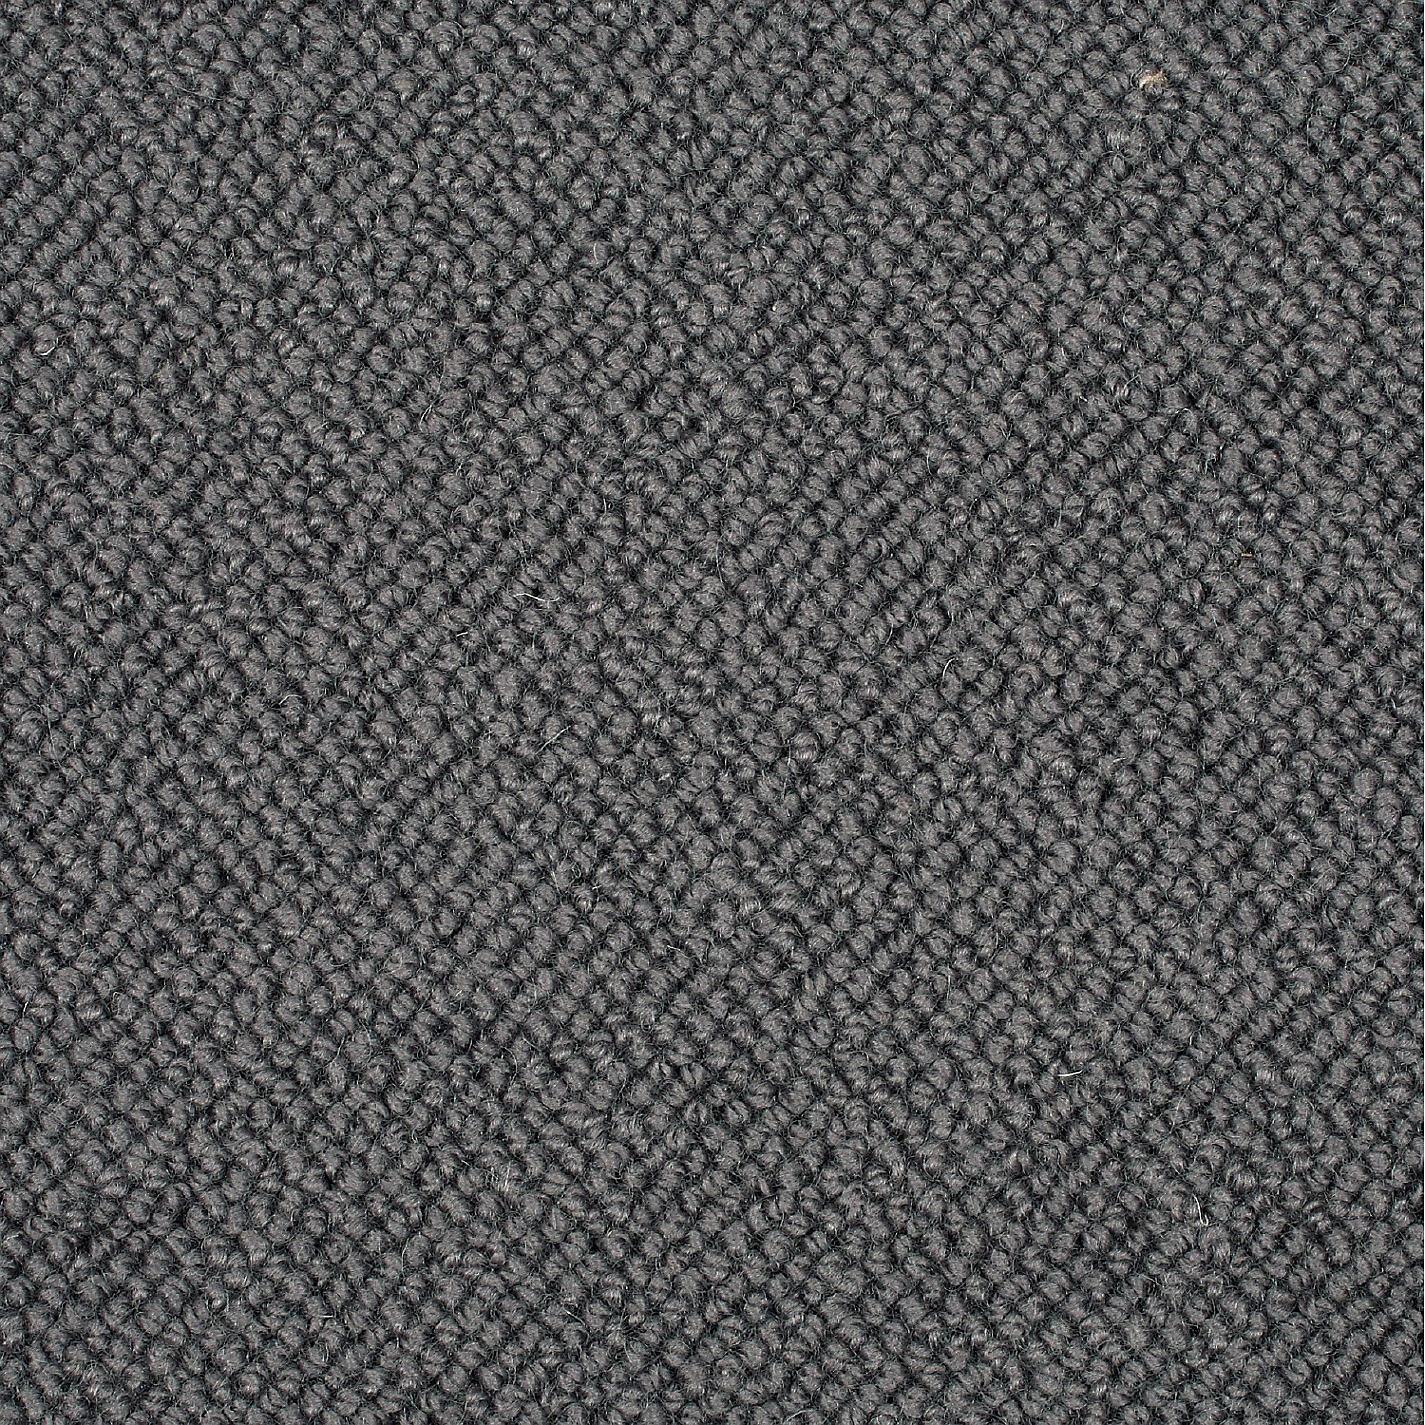 100 wool berber carpet cost meze blog for Wool berber carpet cost